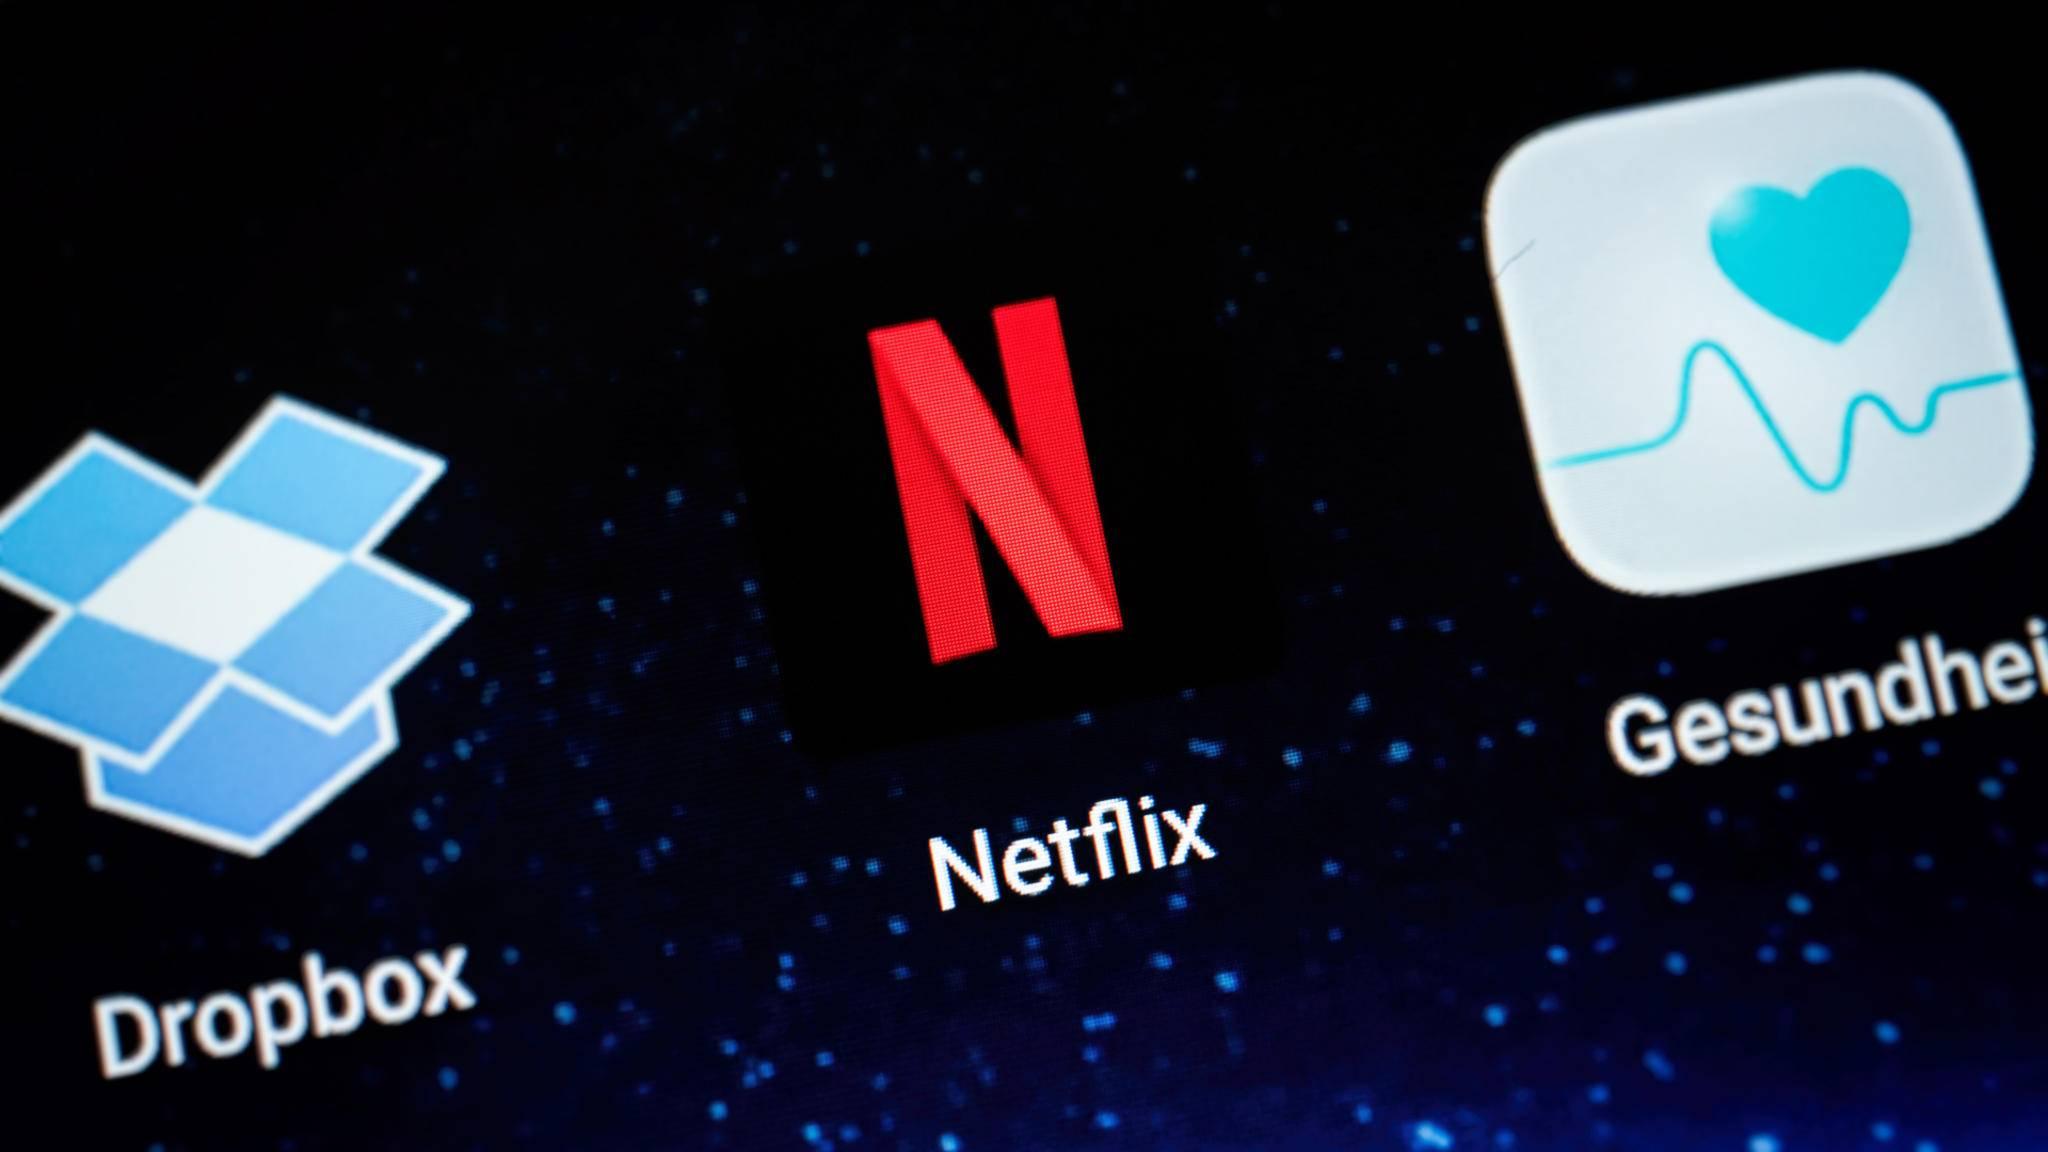 netflix karte einlösen Netflix Gutschein kaufen und einlösen: Das musst Du dazu wissen